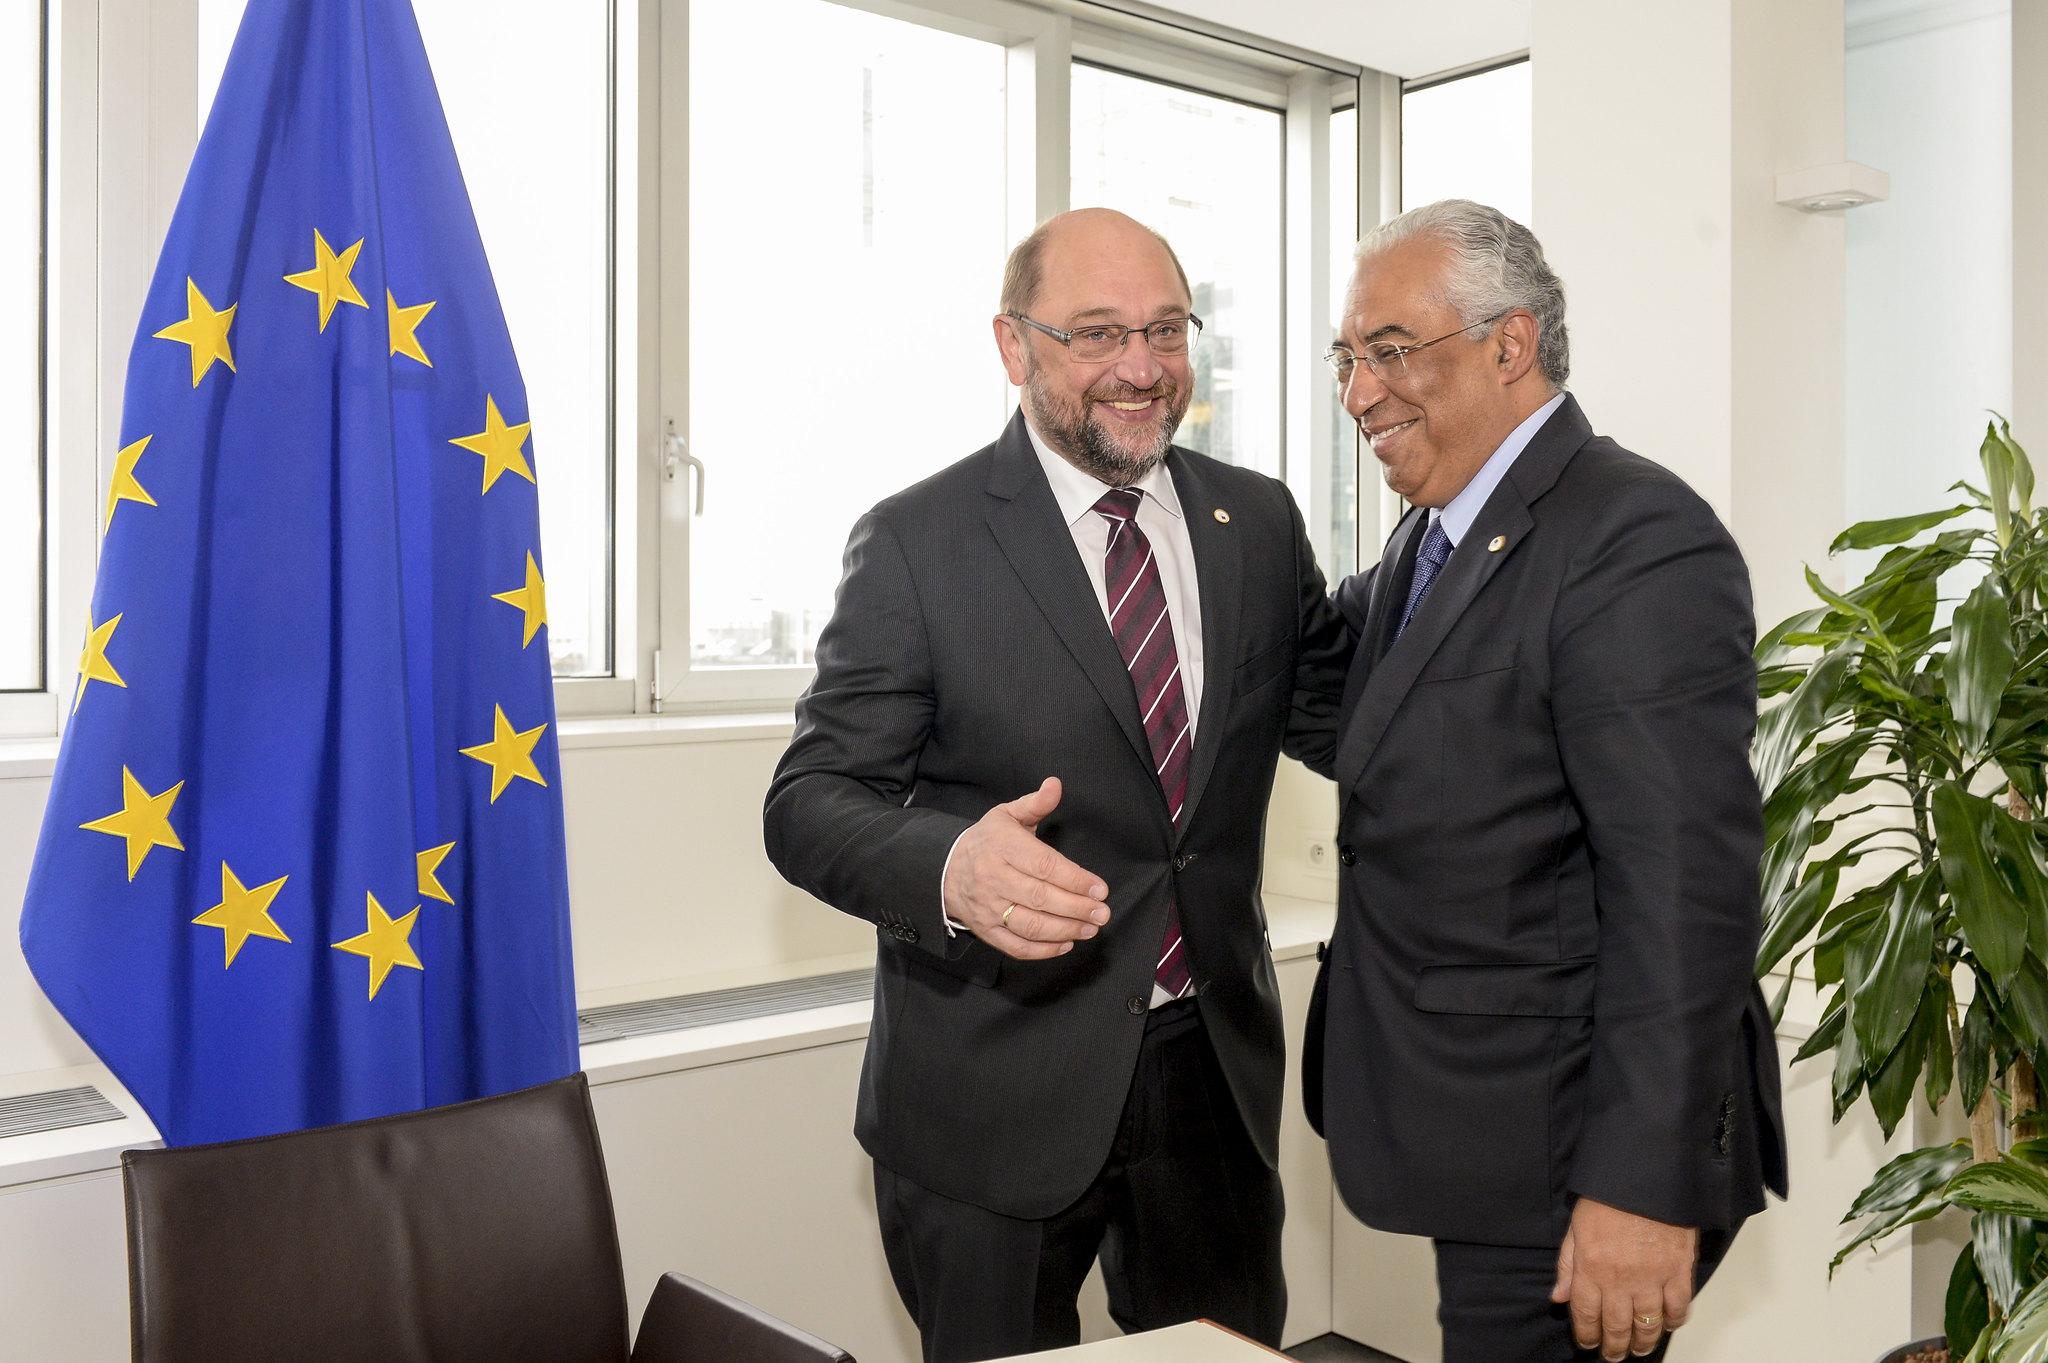 El mito del milagro económico de izquierdas en Portugal